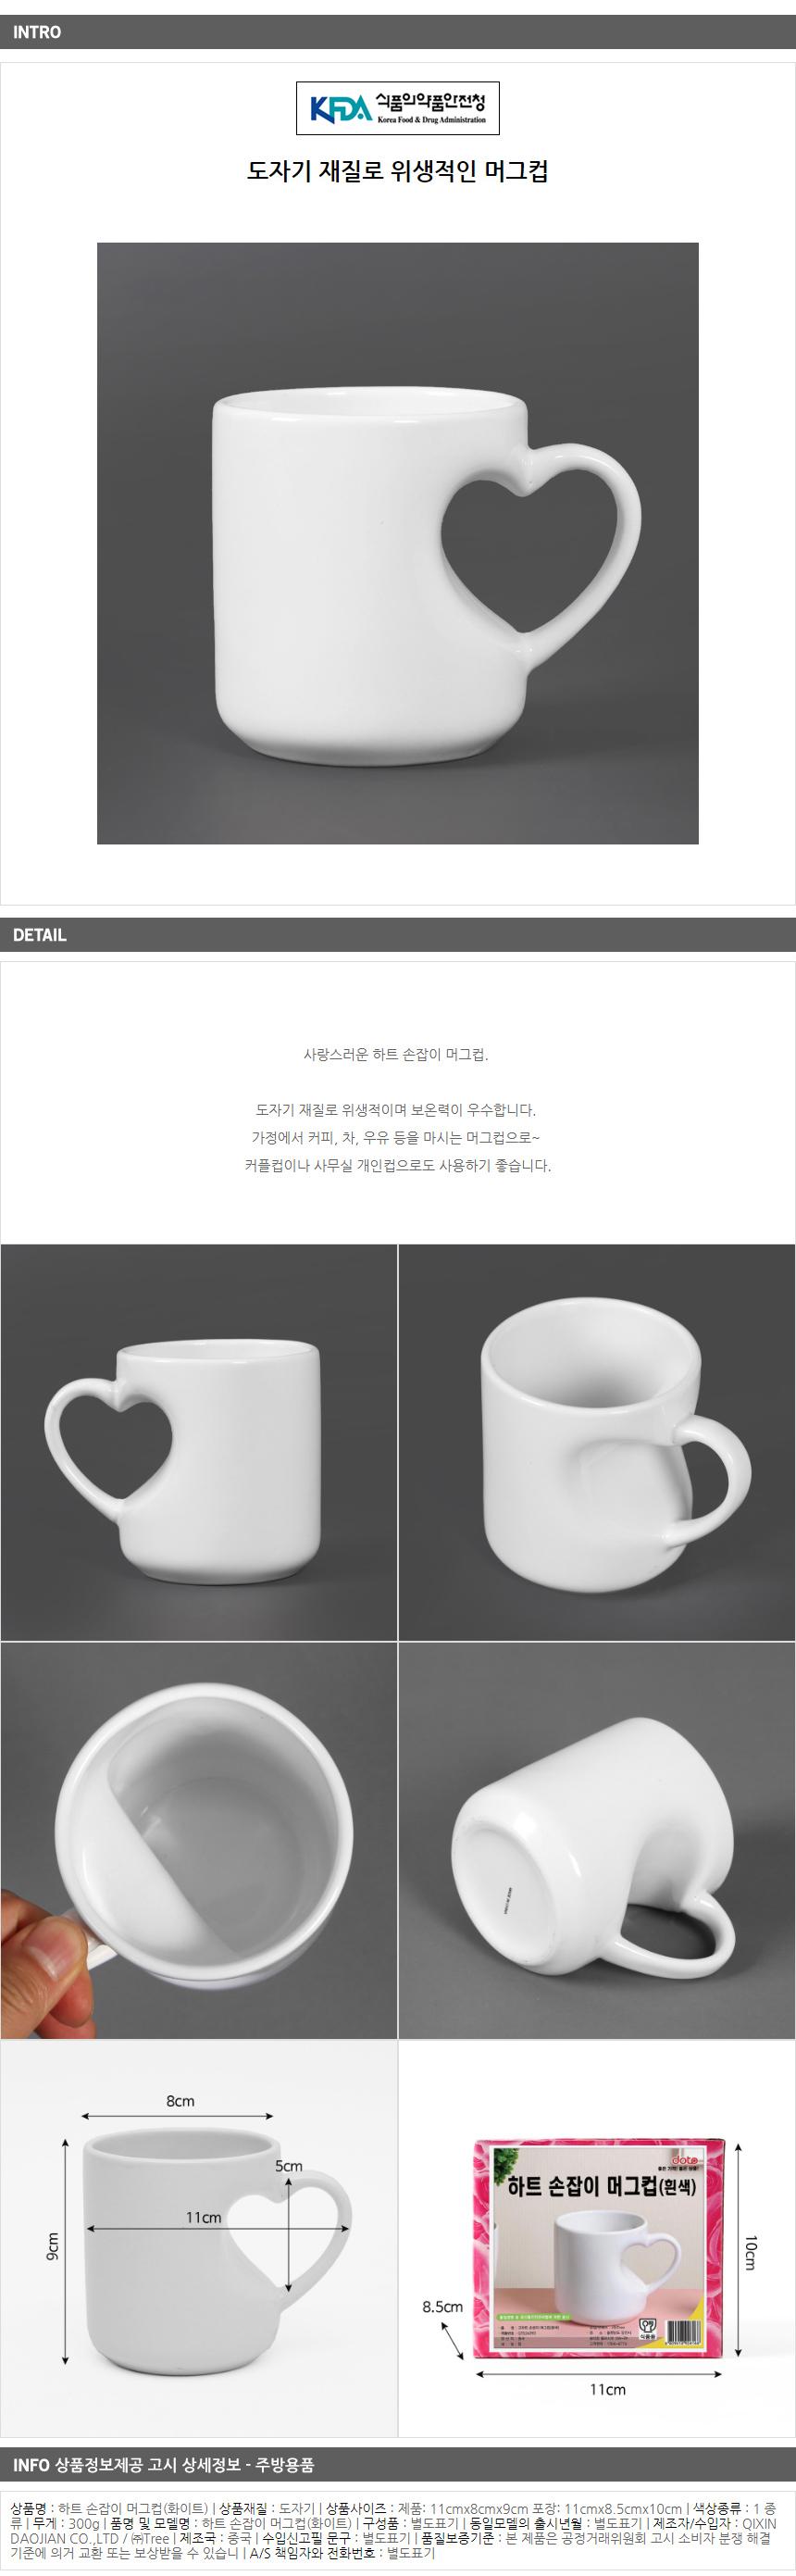 하트머그컵(화이트) 카페 머그잔 커플머그잔 - 기프트갓, 4,520원, 유리컵/술잔, 유리컵